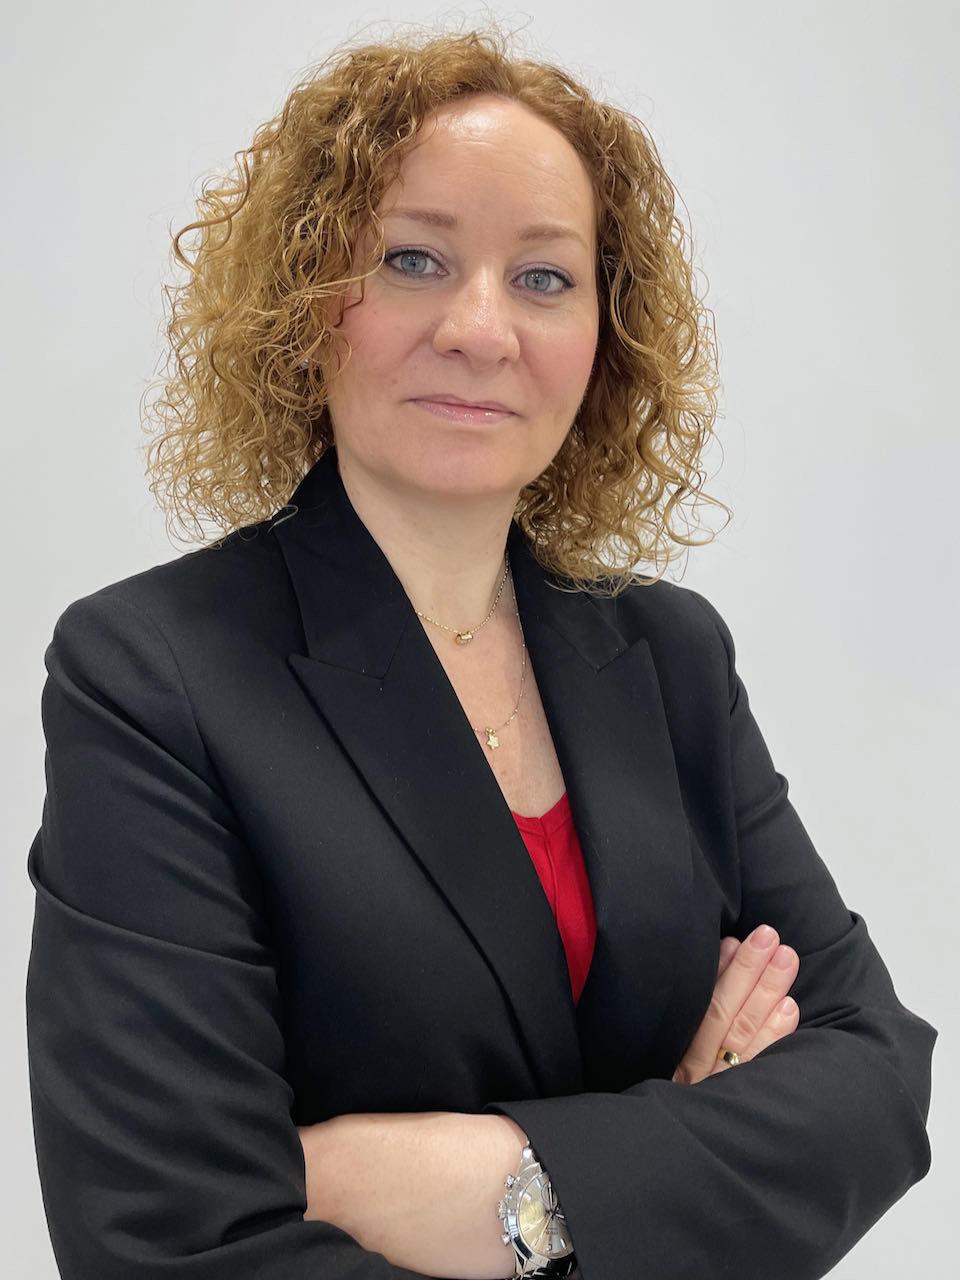 Sra. Gemma Estallo Mateu